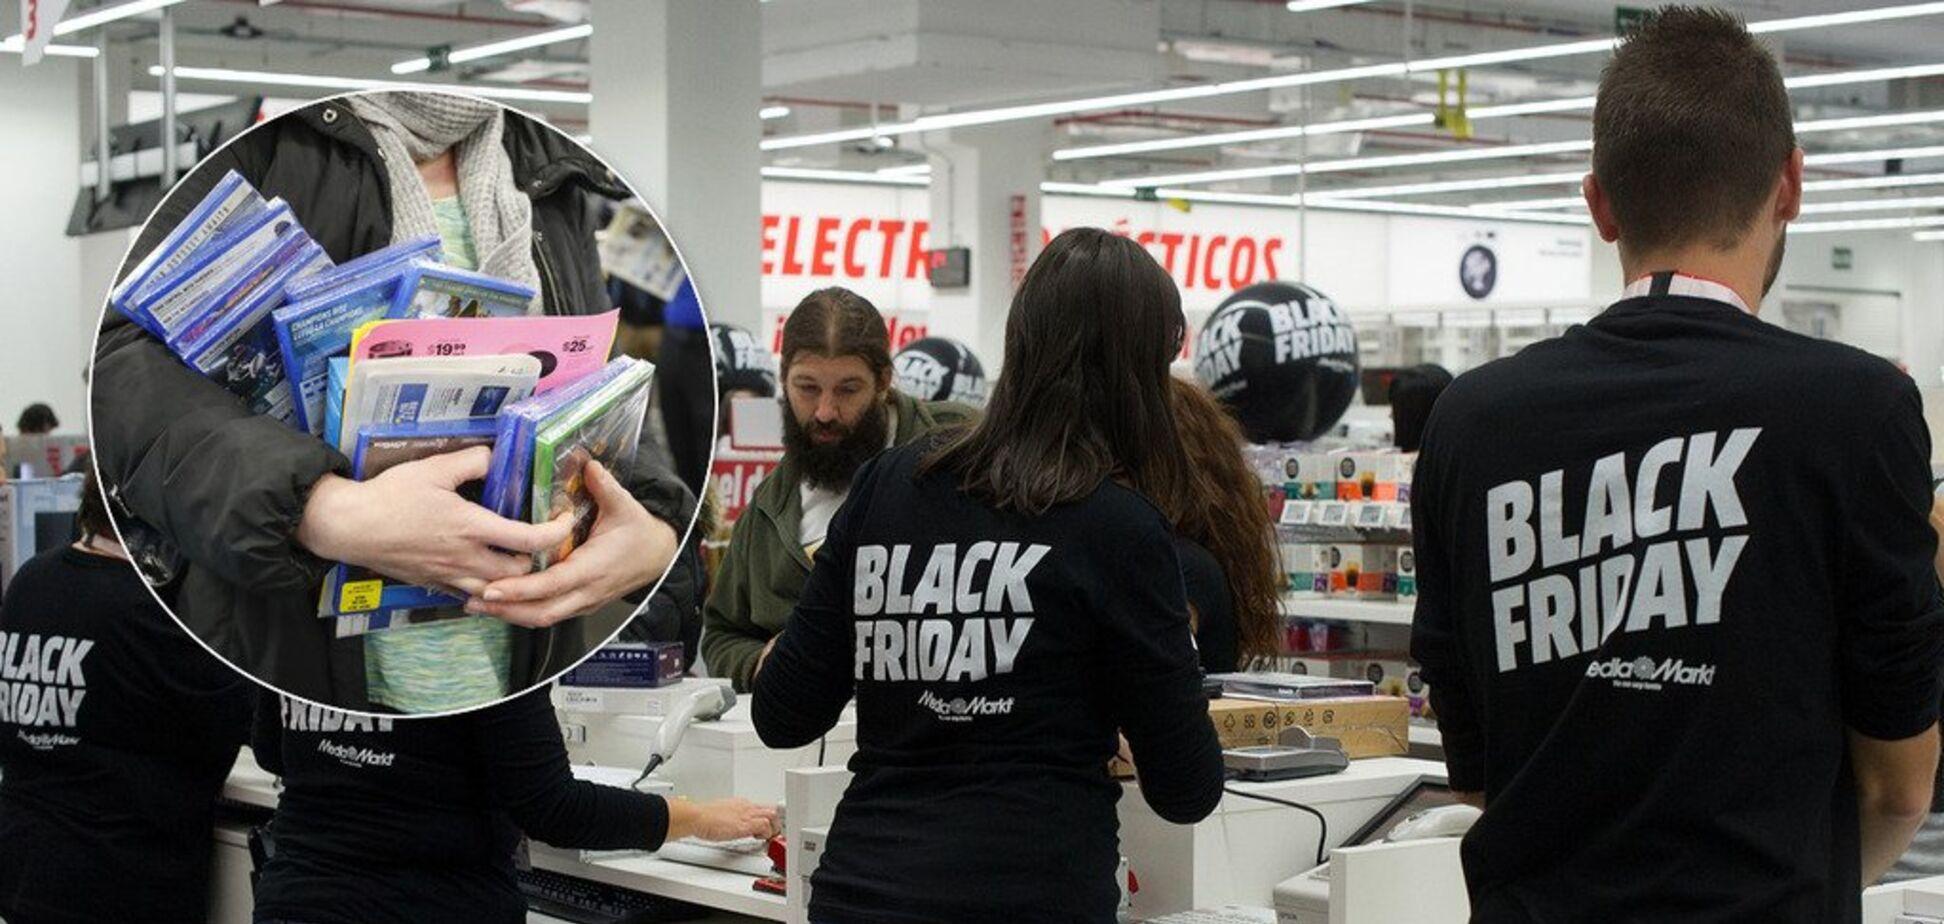 Черная пятница по-украински: какие уловки готовят продавцы и как не попасться к ним на крючок